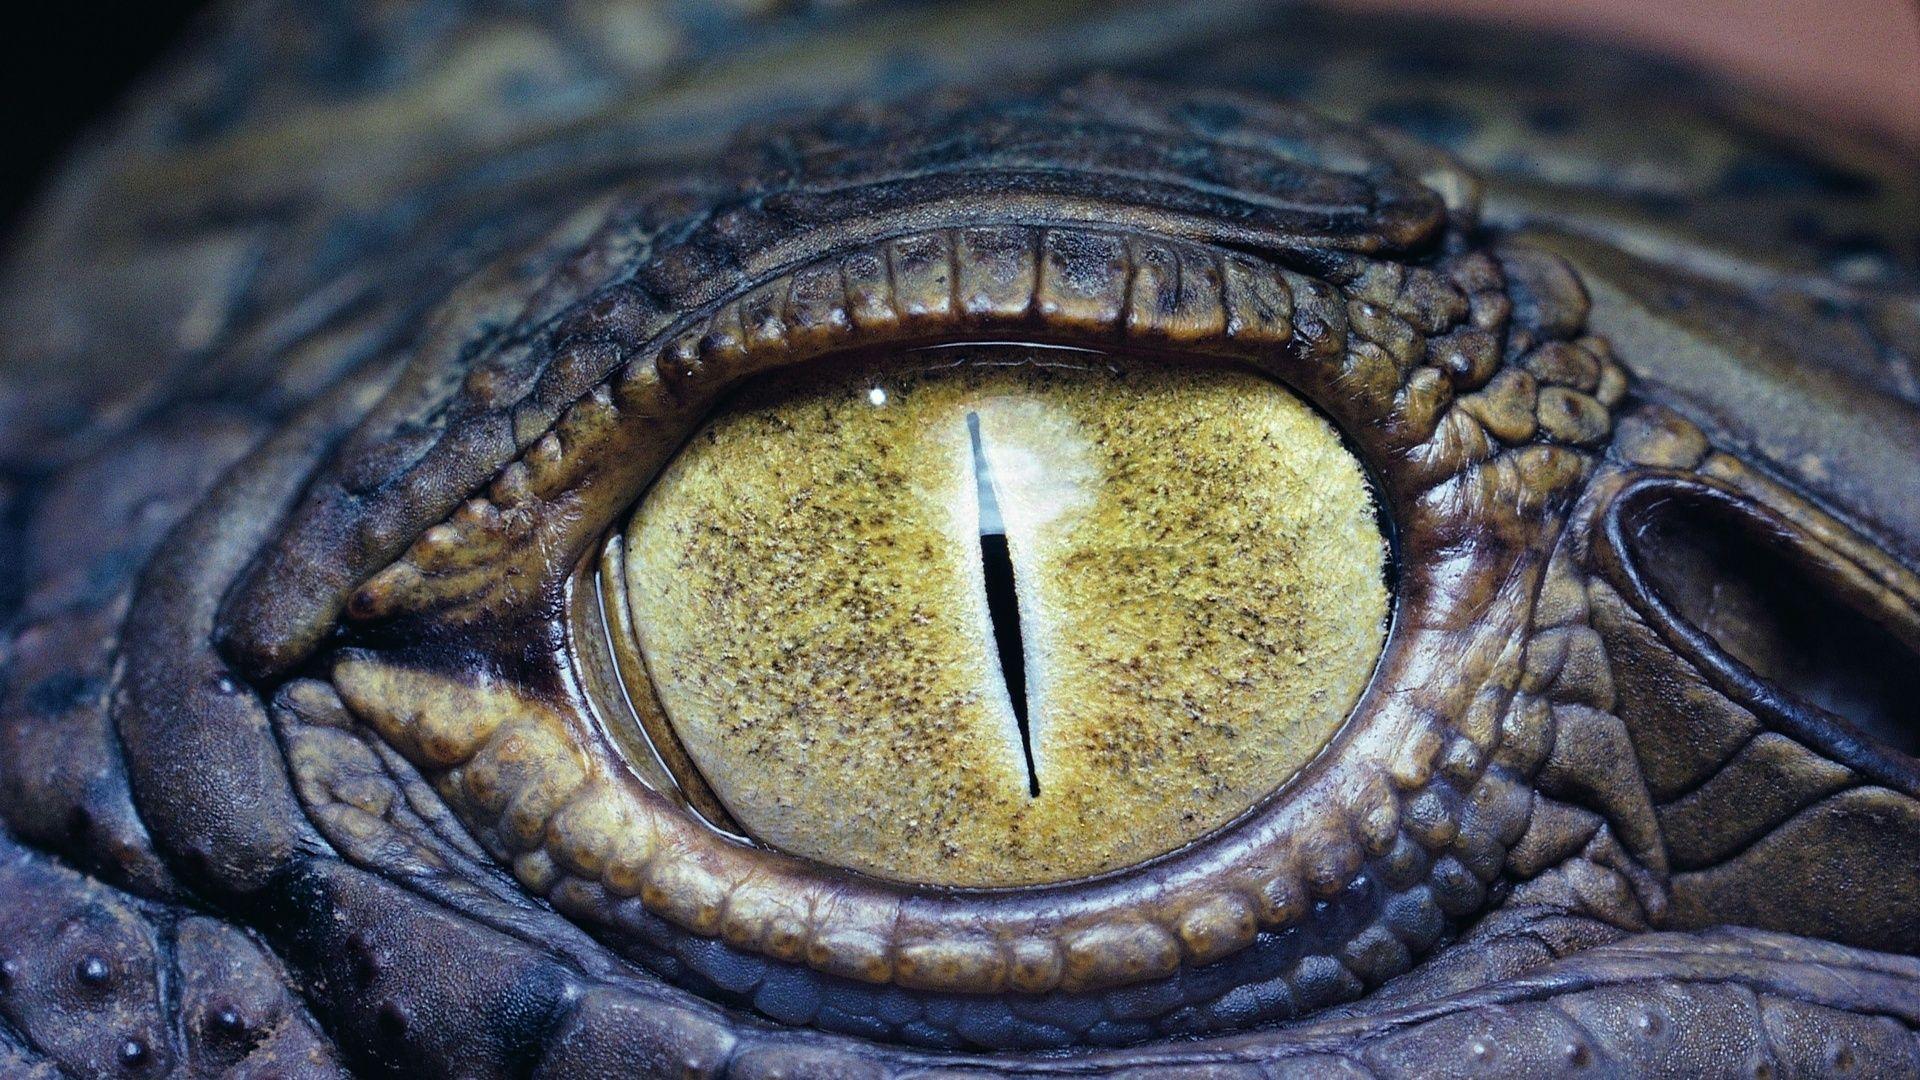 Crocodile Eye Color